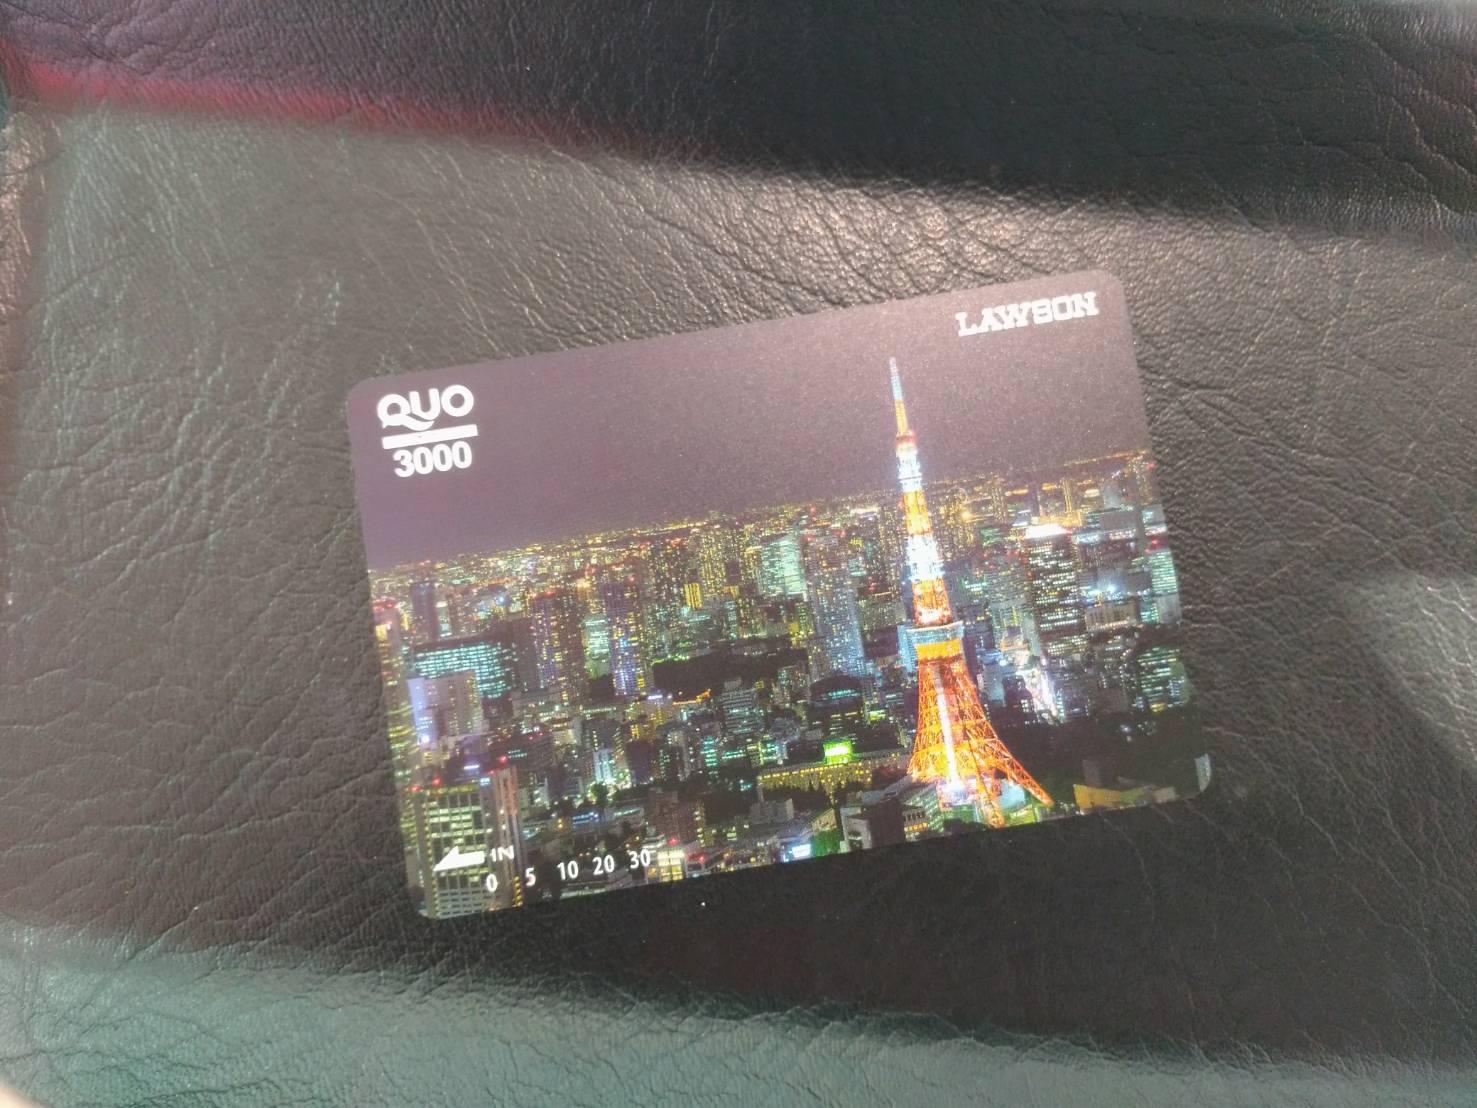 QUO3000-2